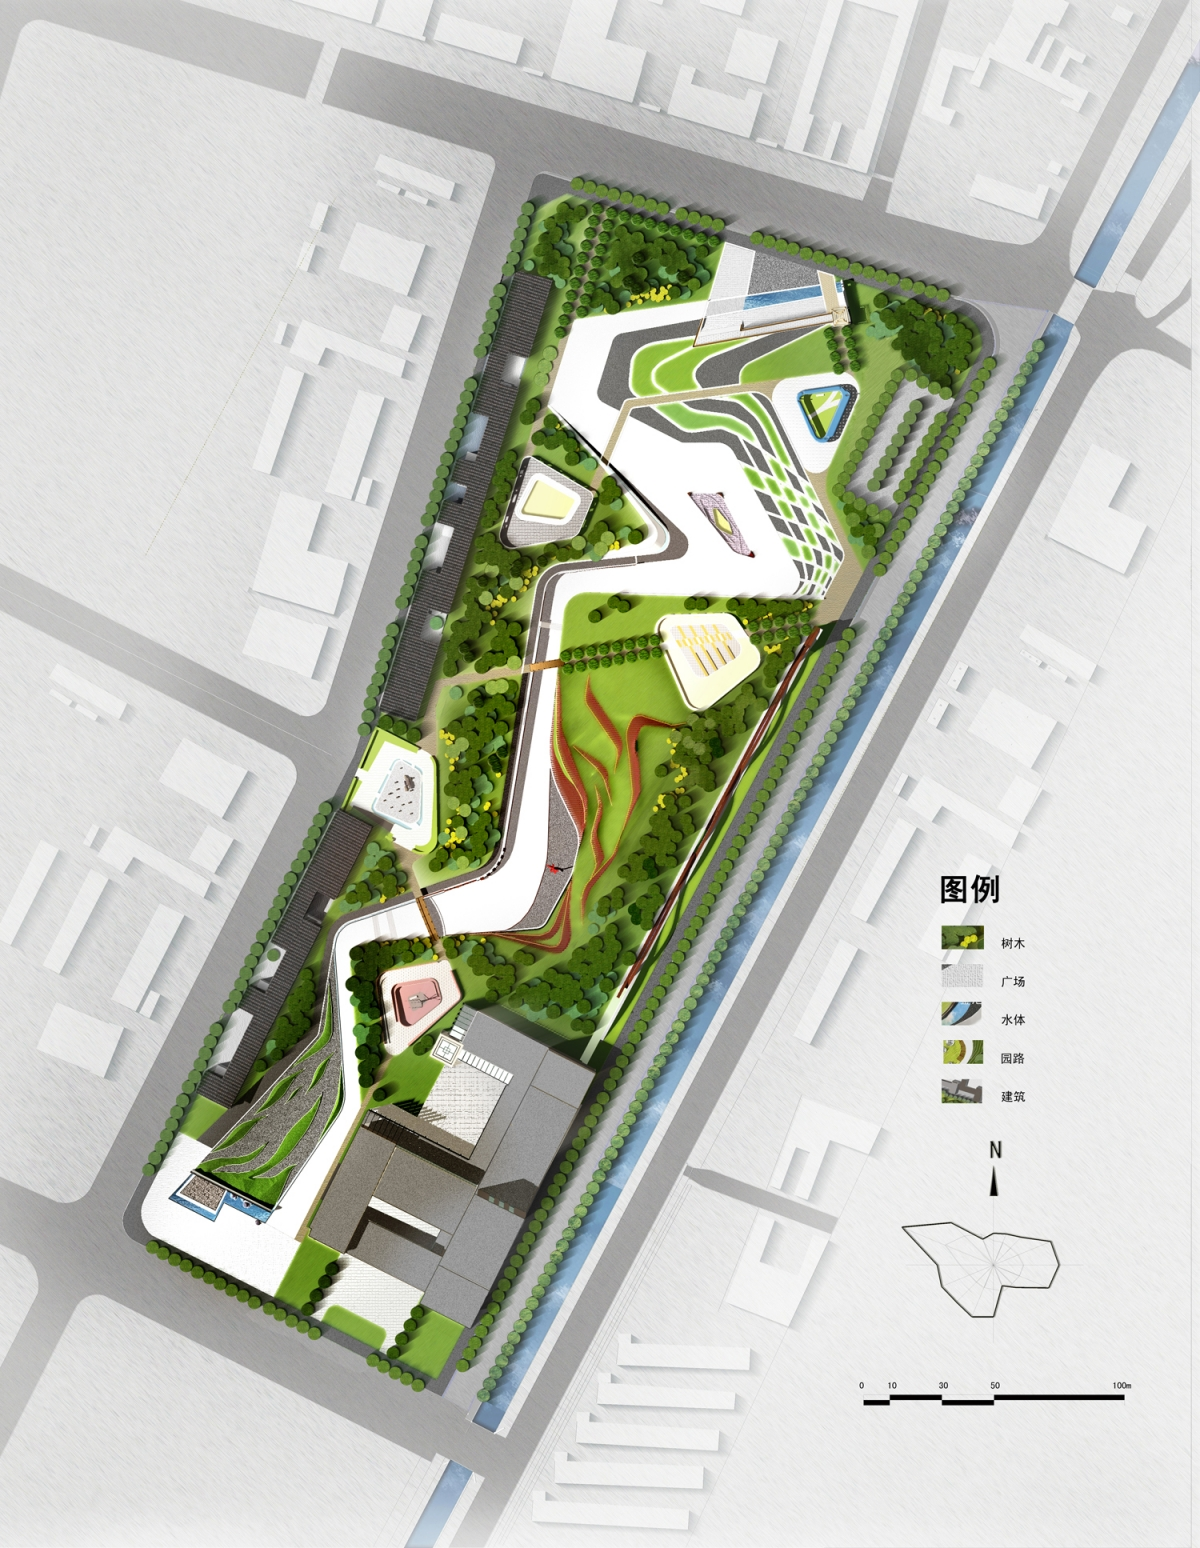 甘肃省民勤生态文化园景观规划设计